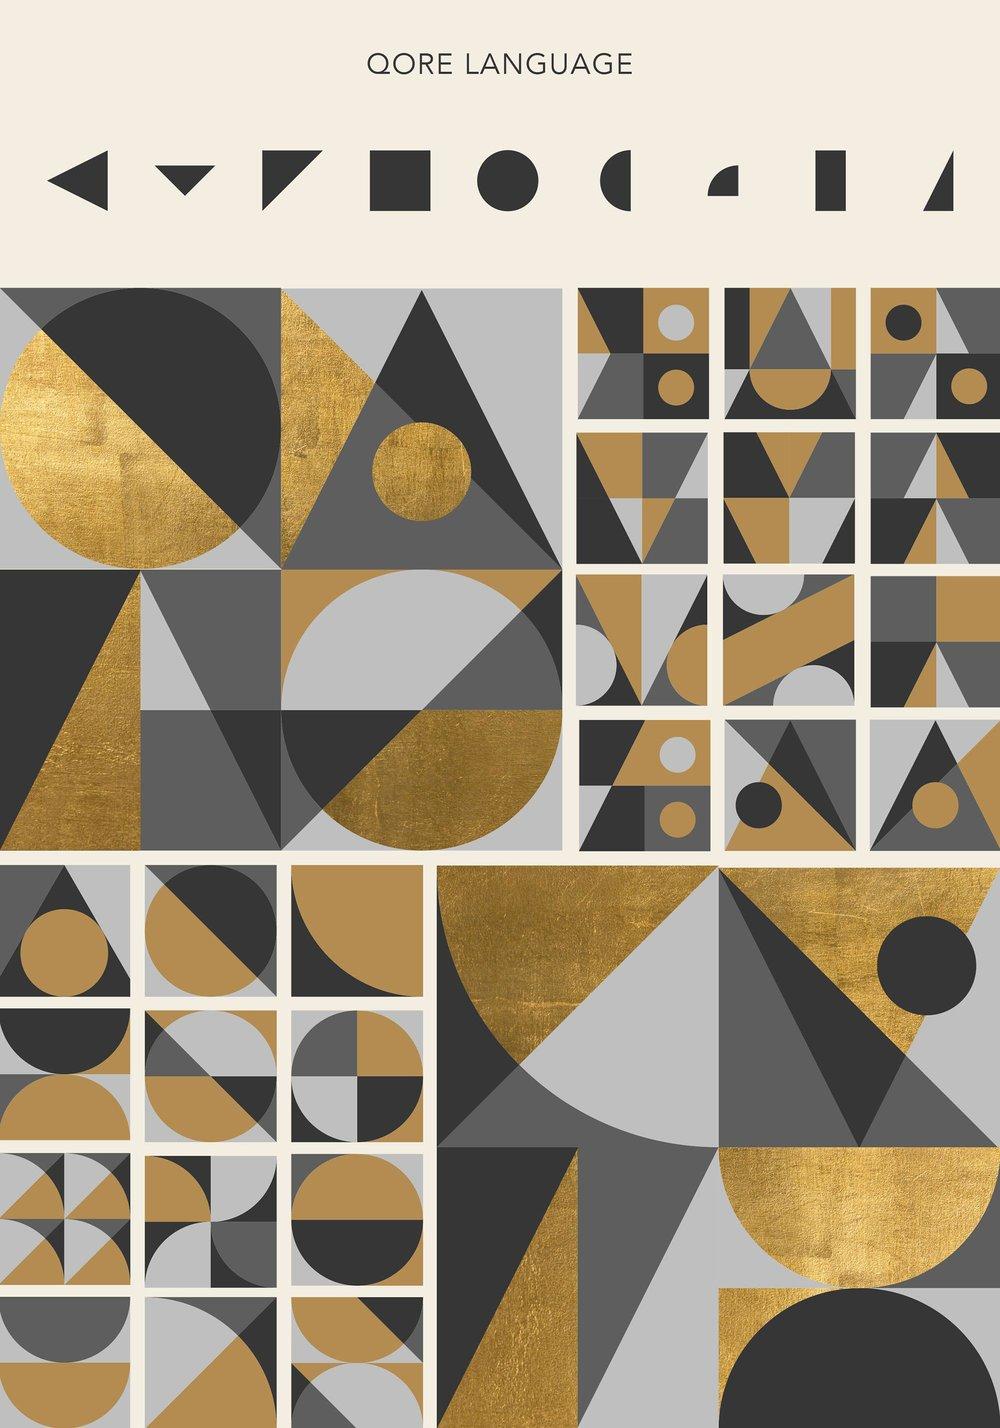 09_TRUF-QORE-gold-identity_GFY.jpg